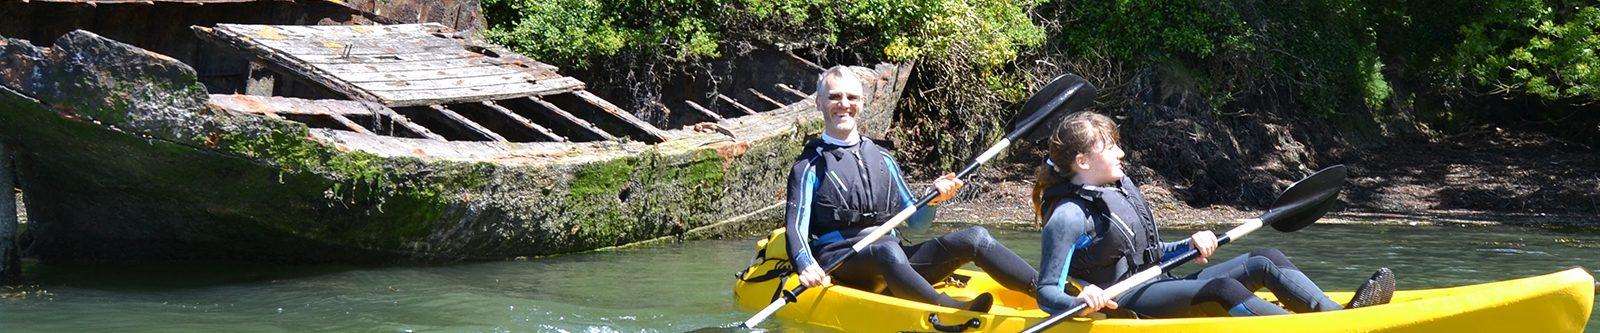 exploring by kayak